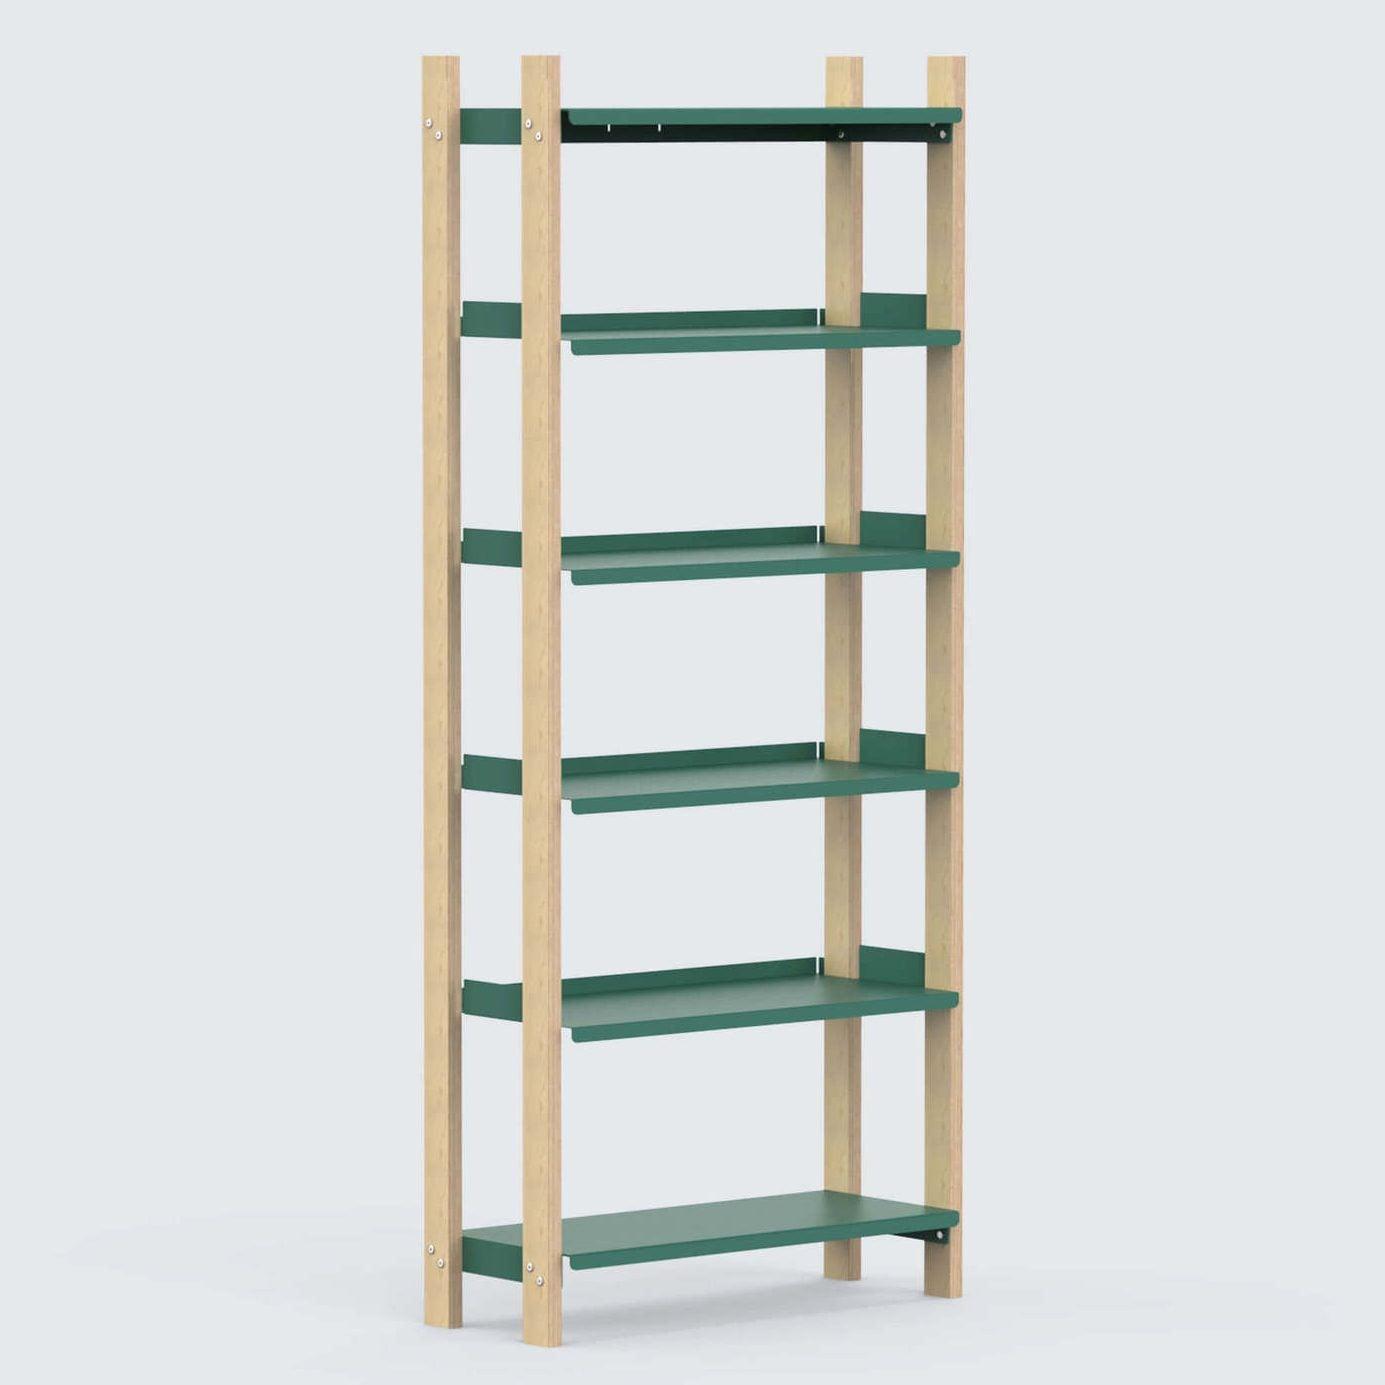 Renderings__0006_Tall_-_Green